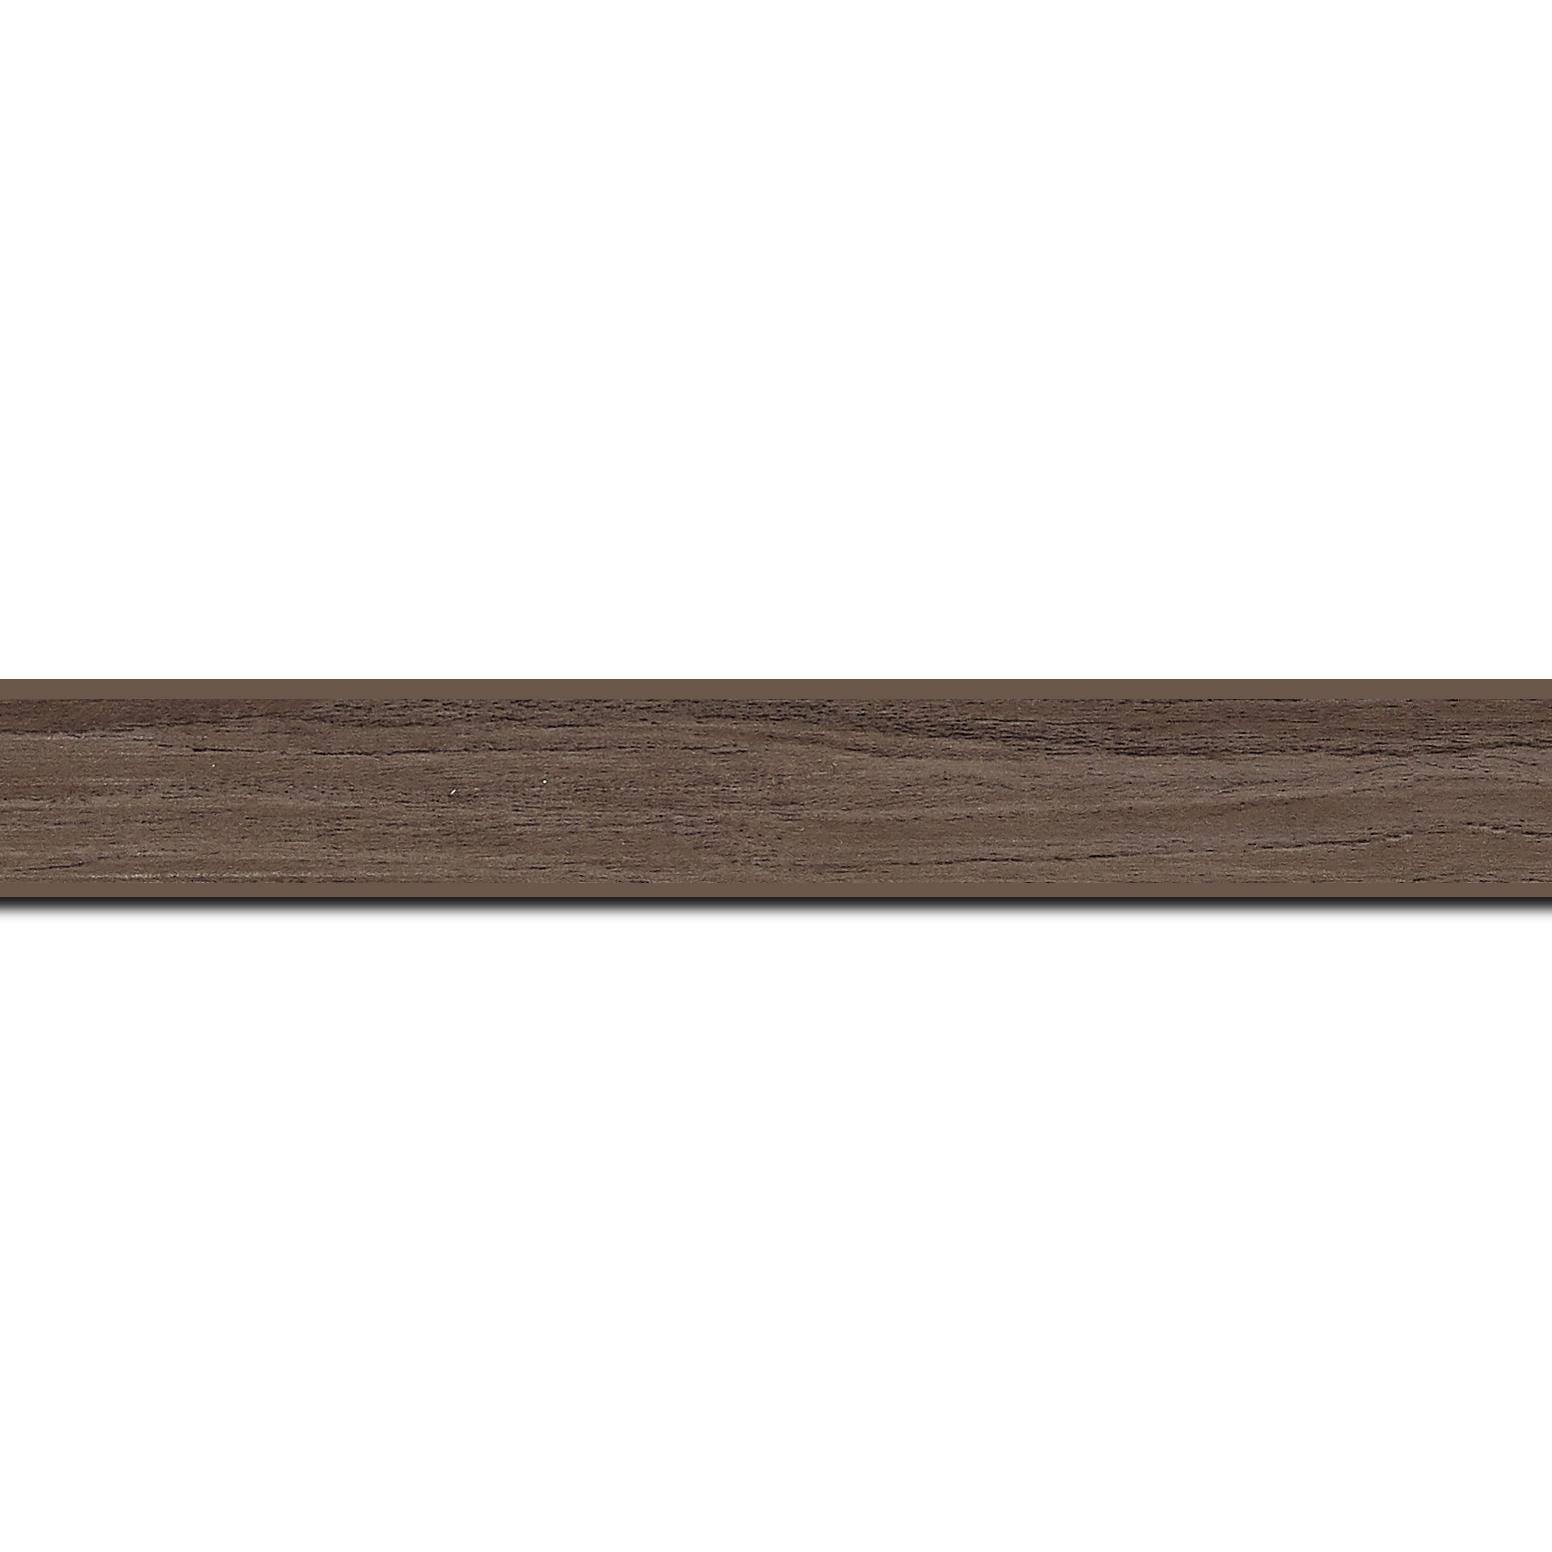 Baguette longueur 1.40m bois profil plat largeur 2.6cm hauteur 5cm décor bois noyer